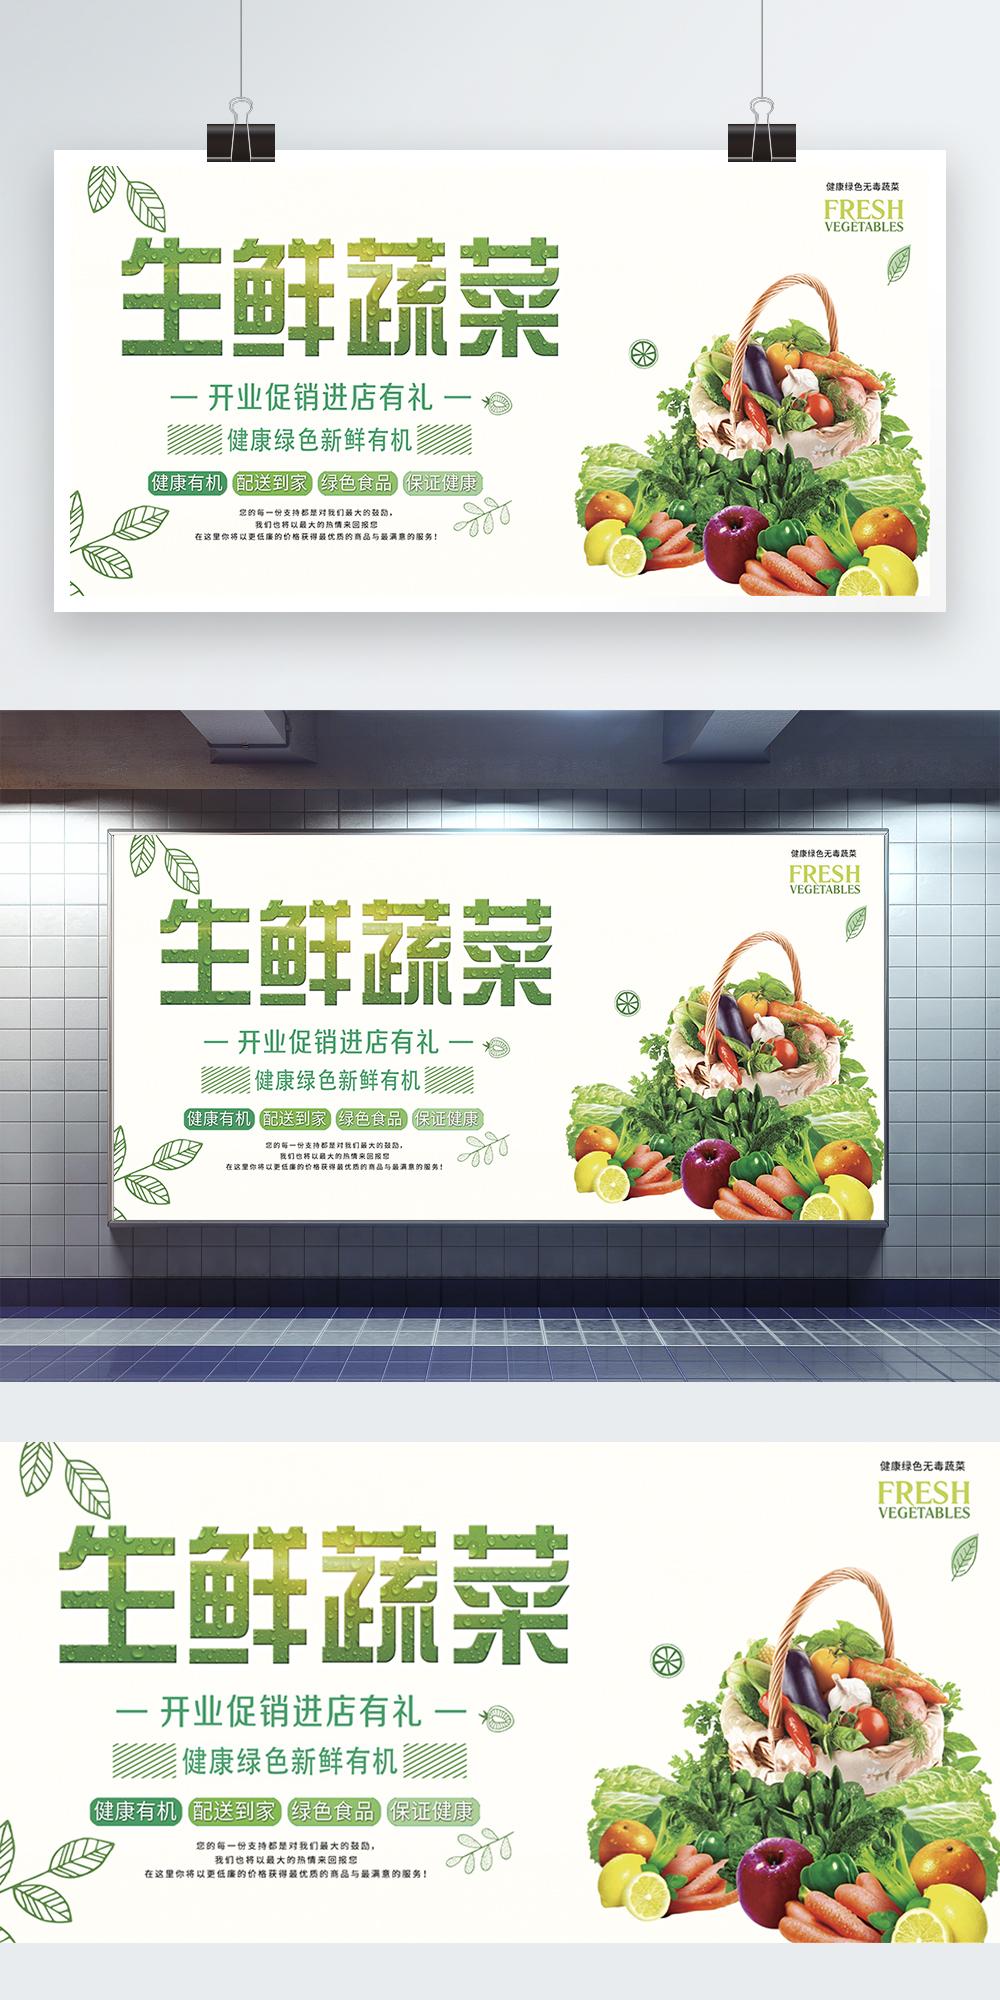 生鲜蔬菜展板设计